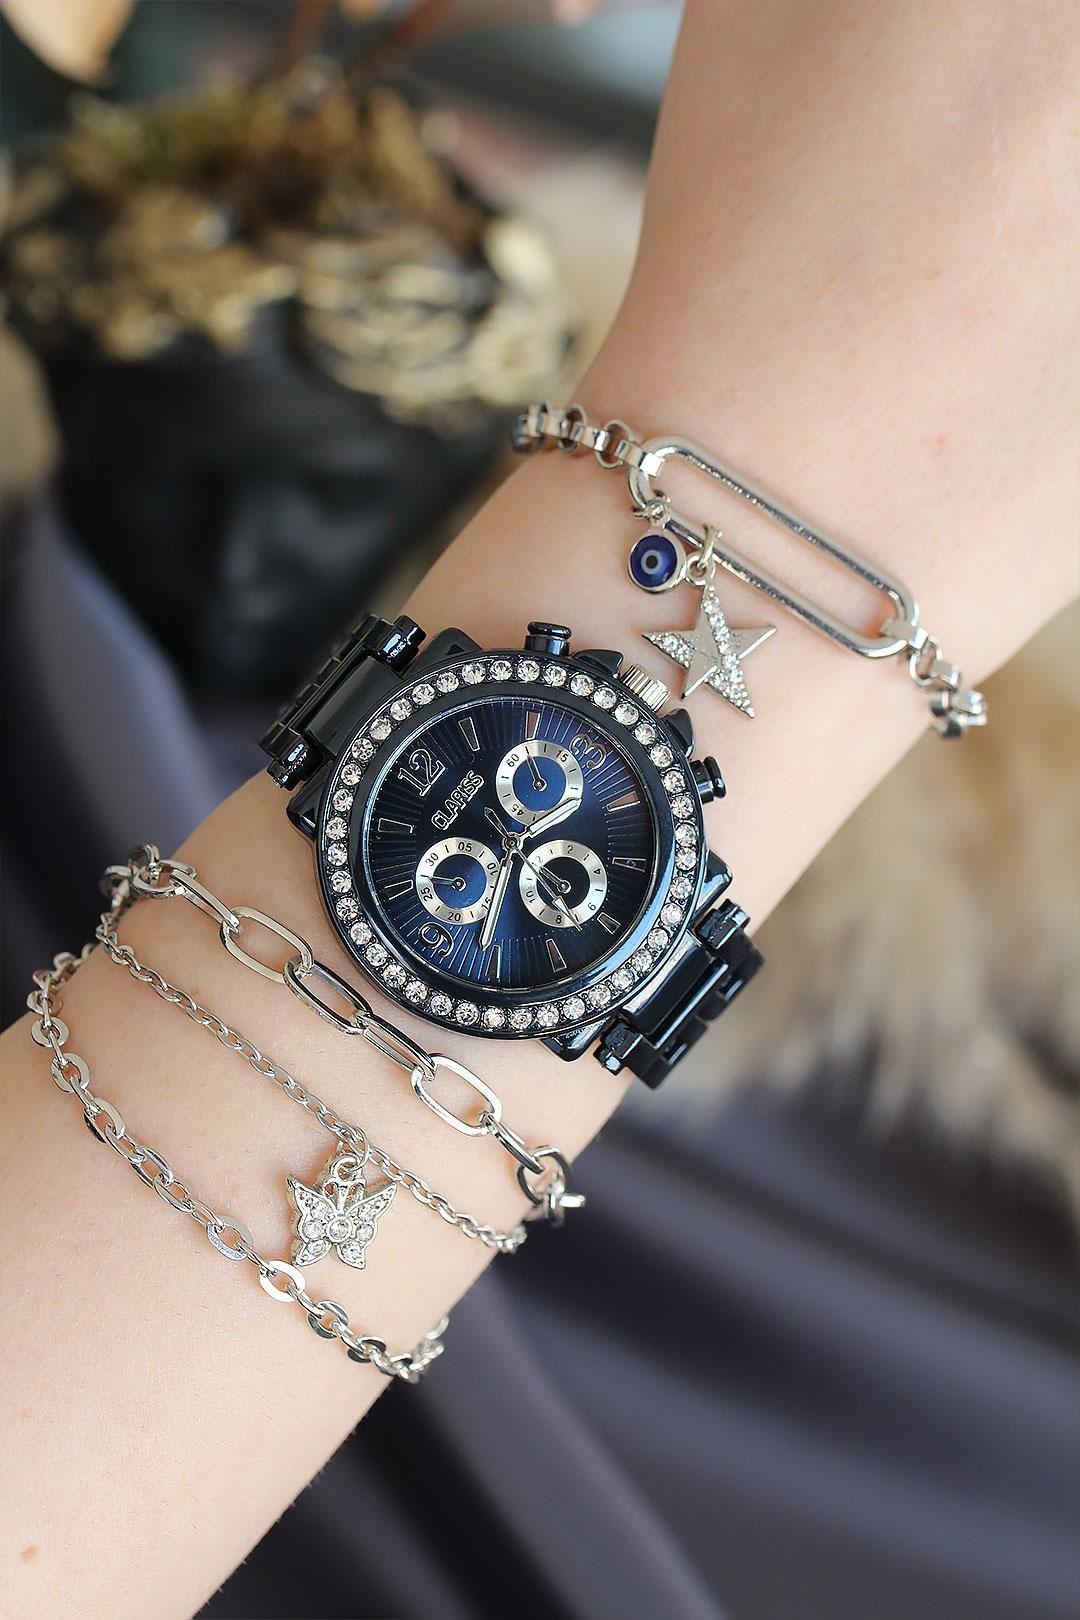 Lacivert Renk Metal Kordonlu Taşlı Kasa Kadın Saat ve Bileklik Kombini